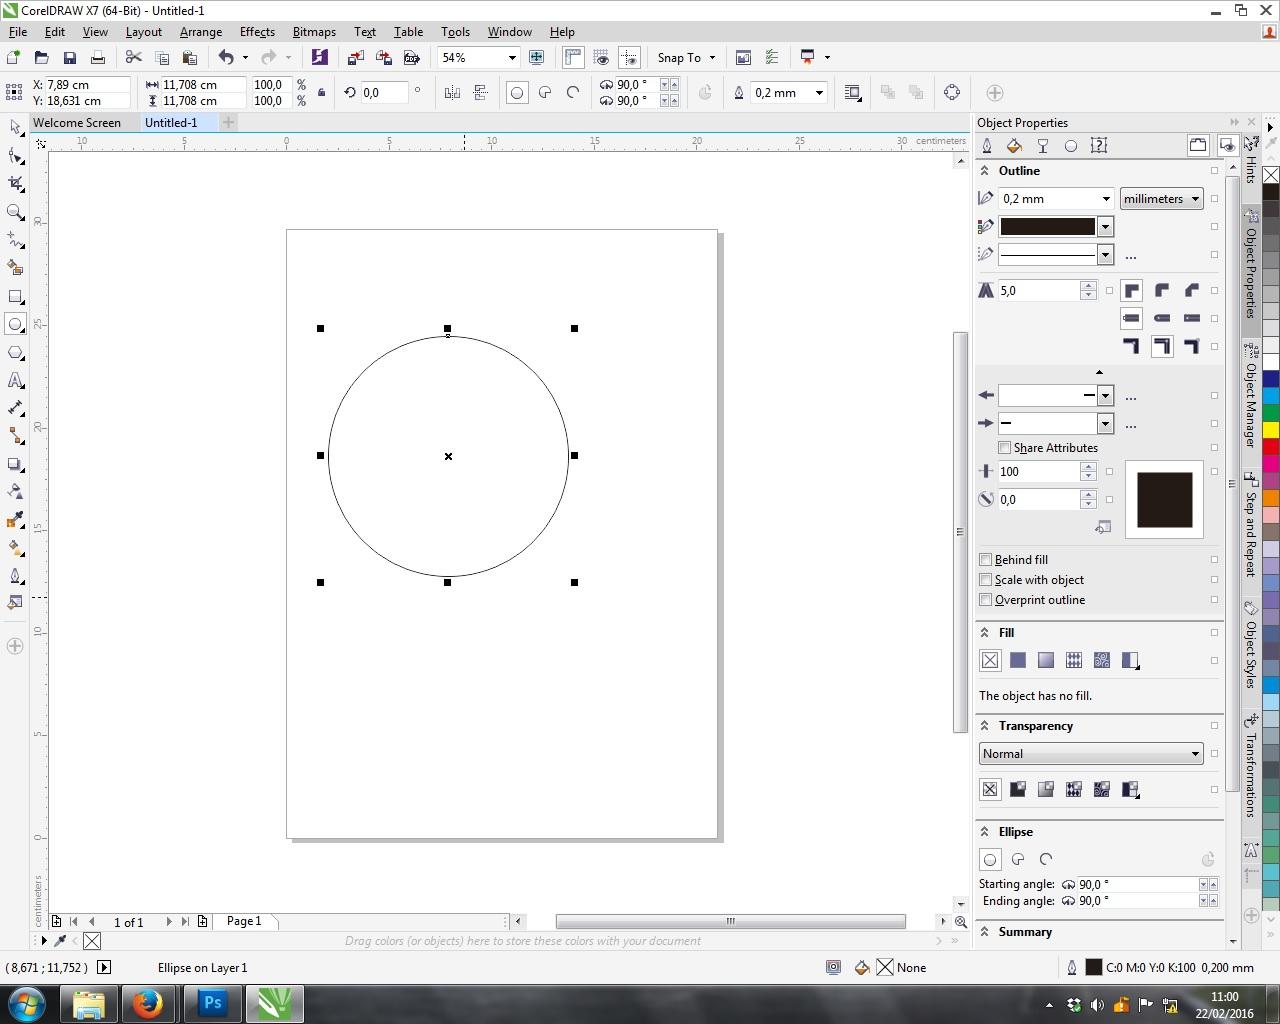 Cara Membuat Teks Mengikuti Objek Menggunakan Corel Draw X7 Kelas Desain Belajar Desain Grafis Mudah